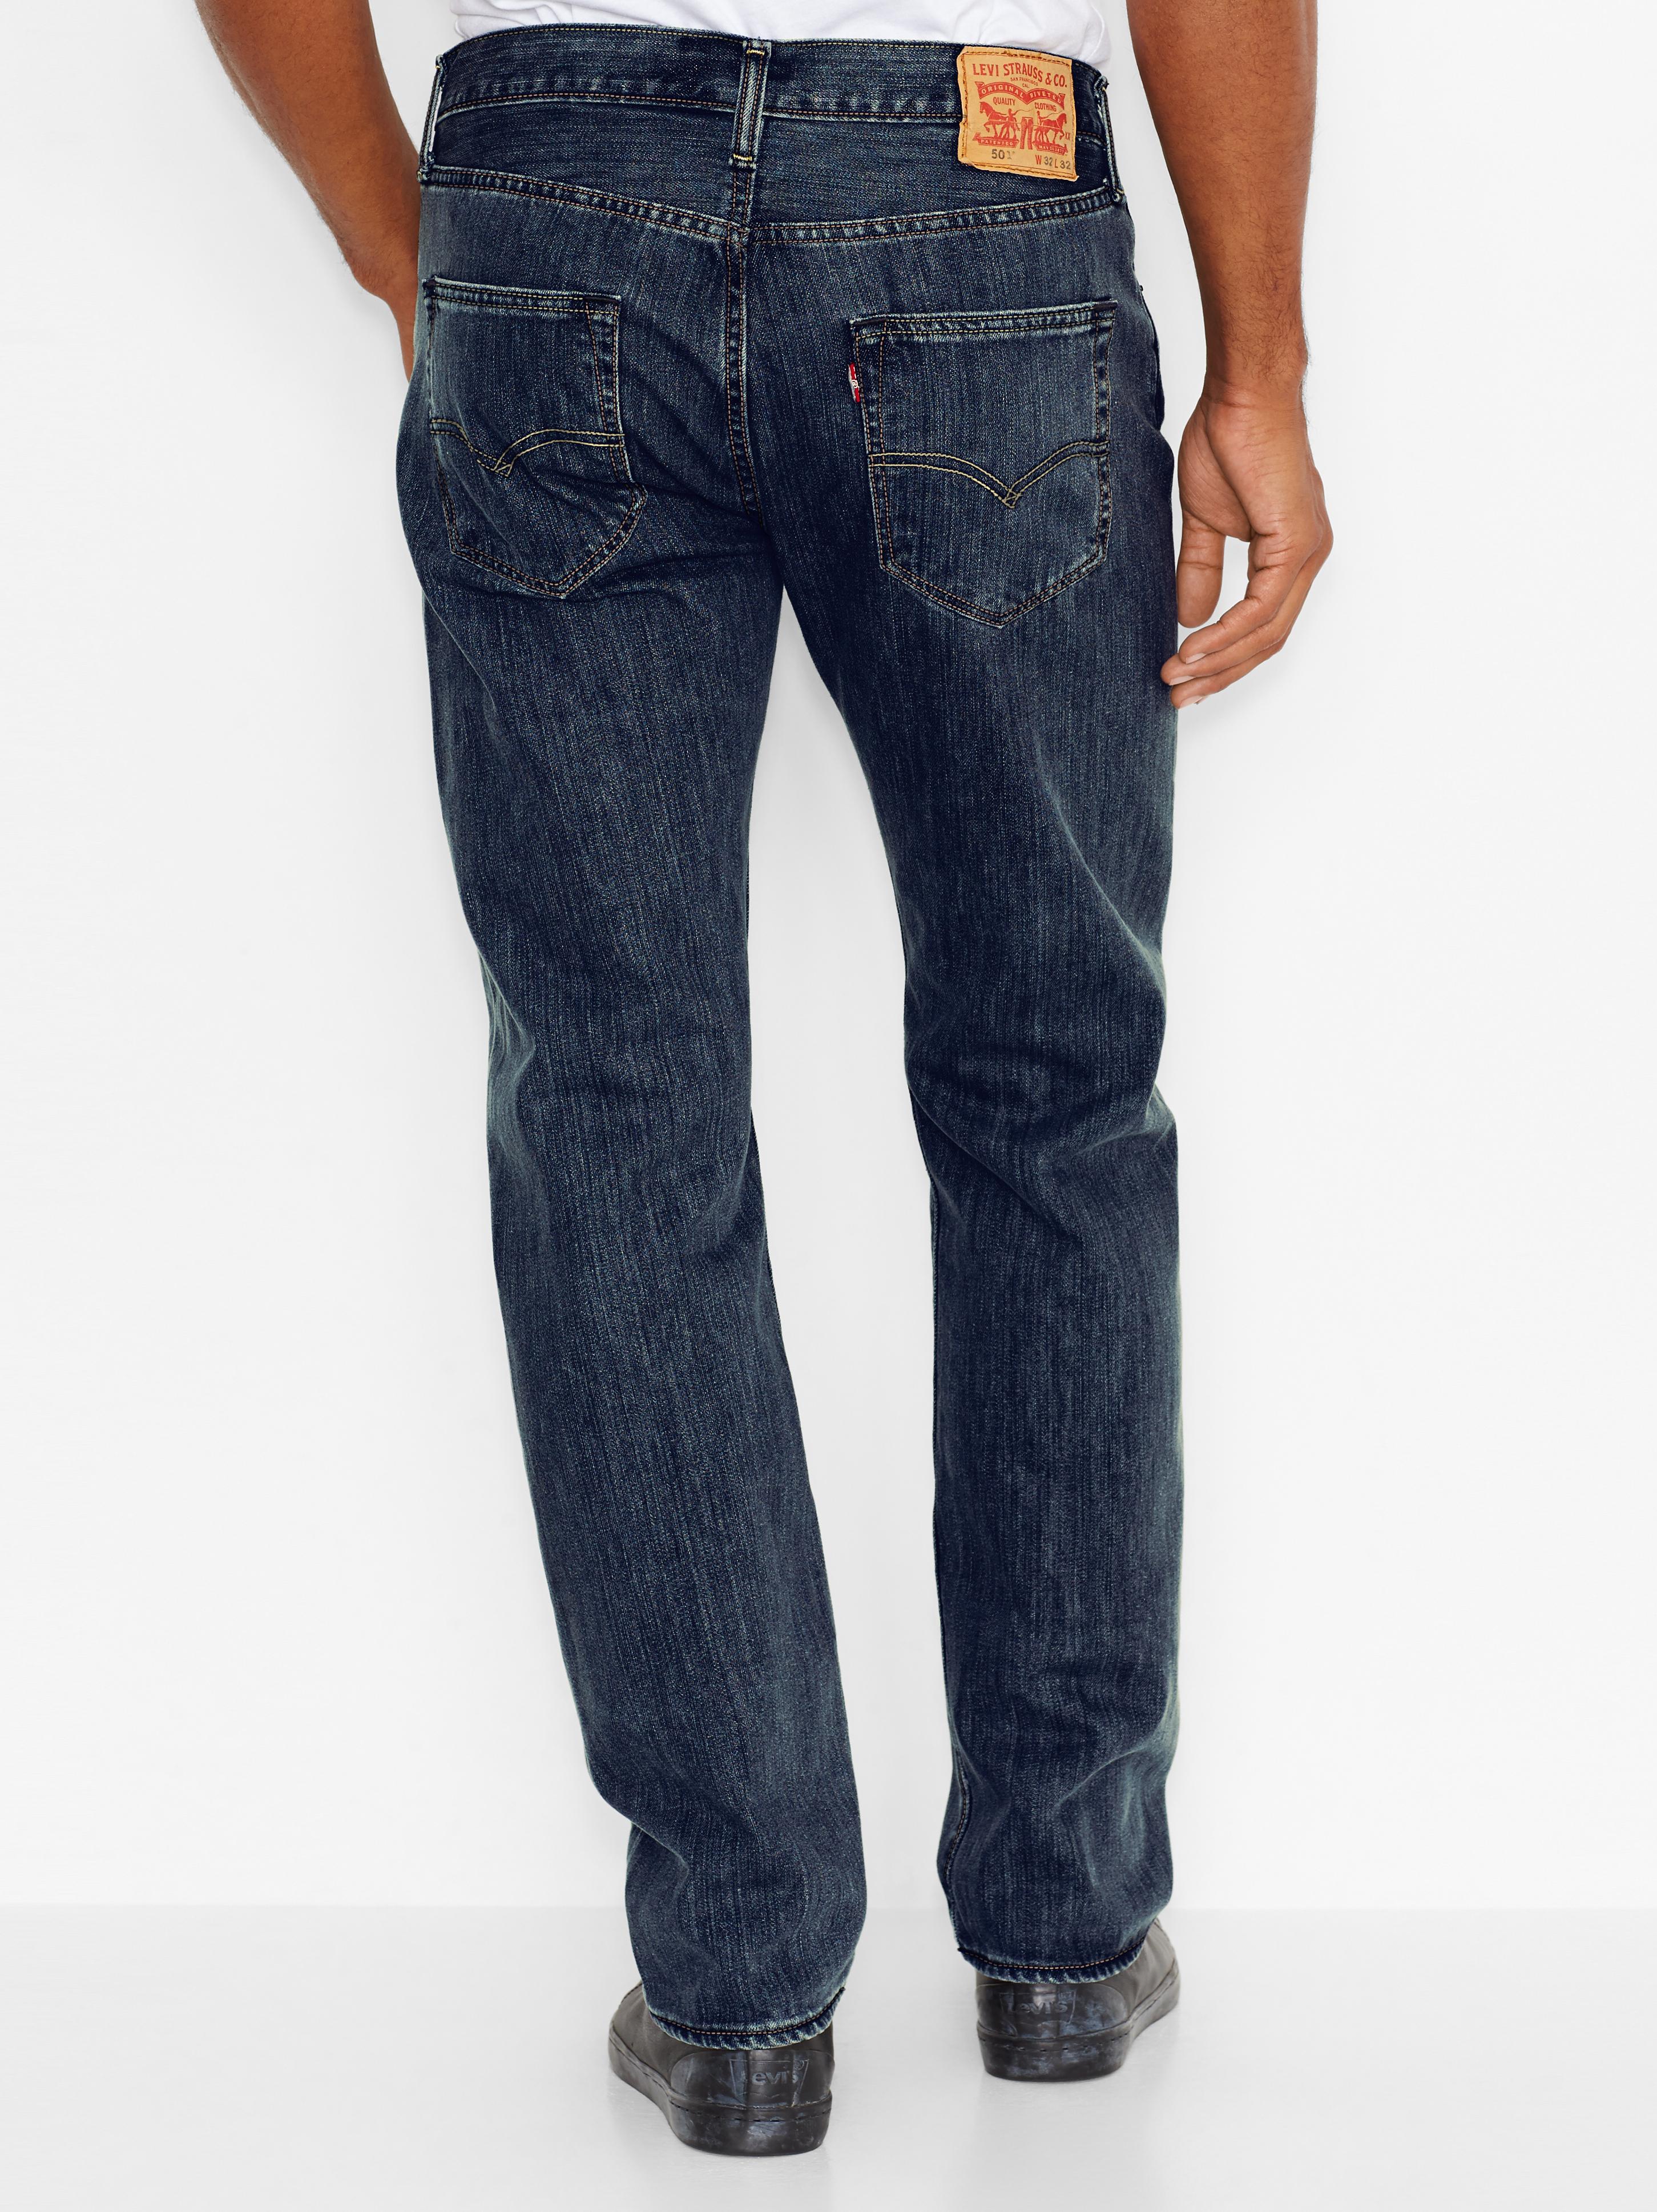 LEVIS Jeanshose Jeans 00501-0089 501 LEVIS ORIGINAL FIT DARK CLEAN W18-LJJ1